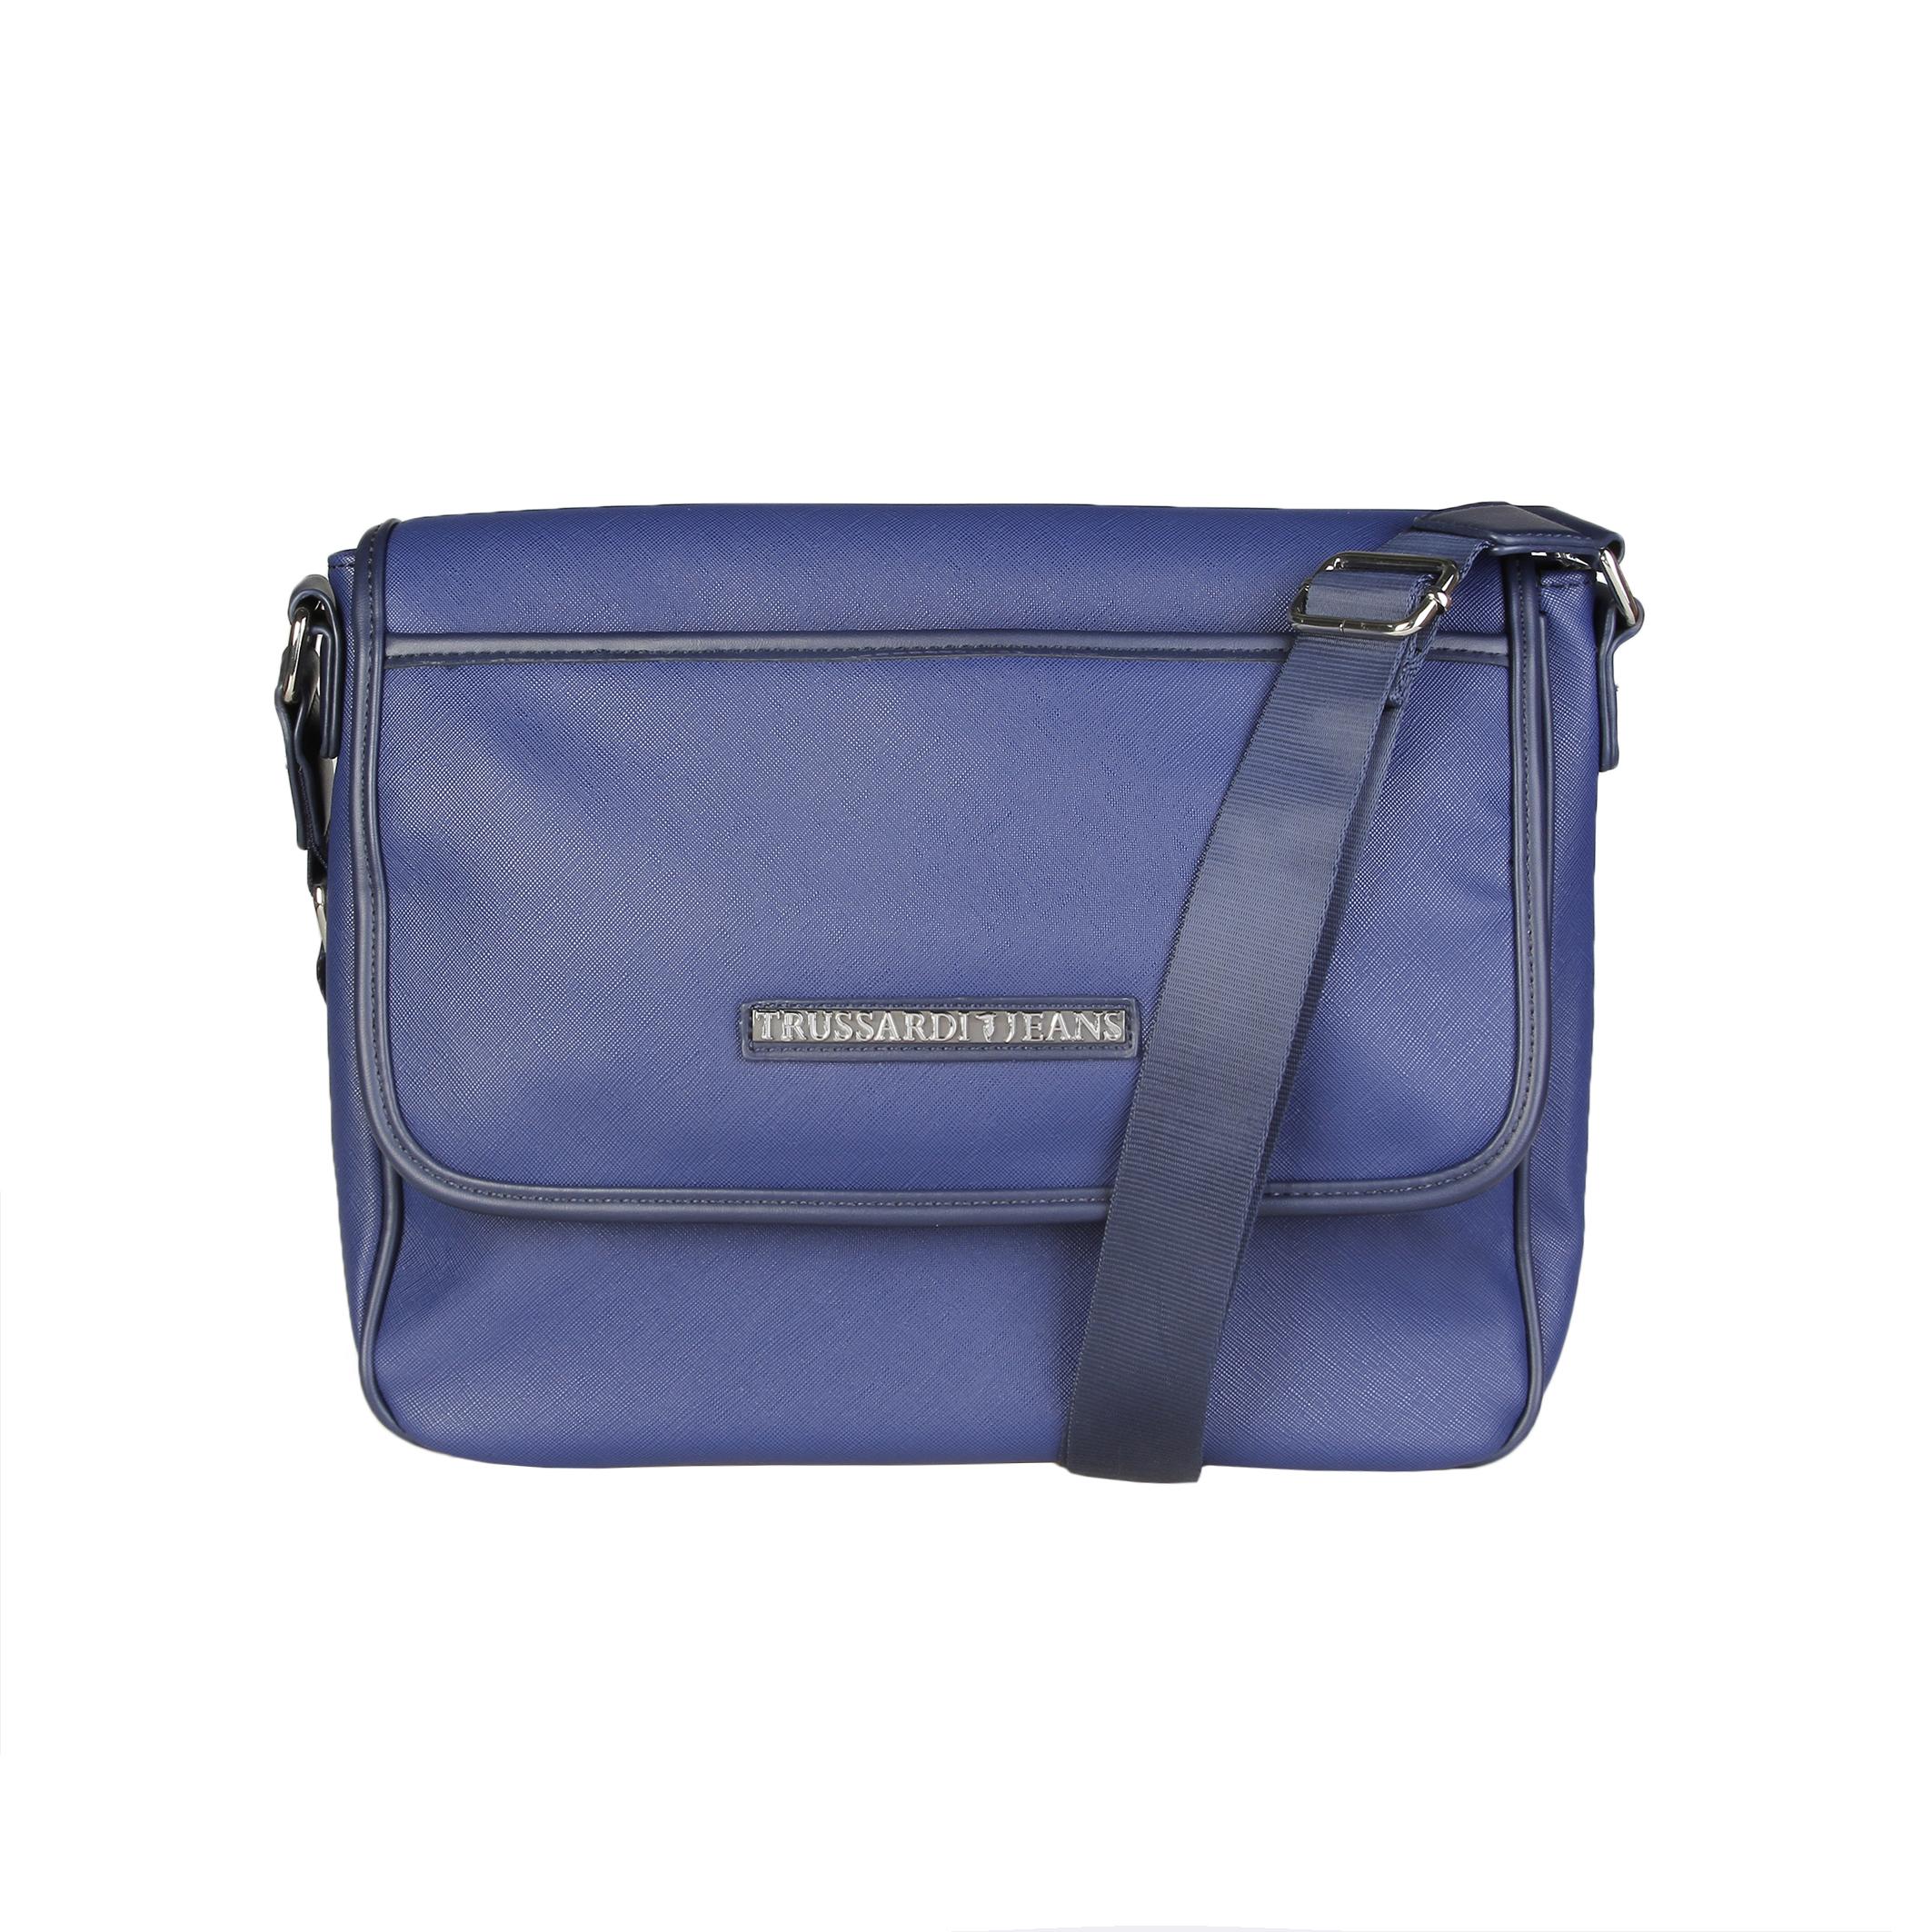 Sacs à bandoulière  Trussardi 71B991T blue